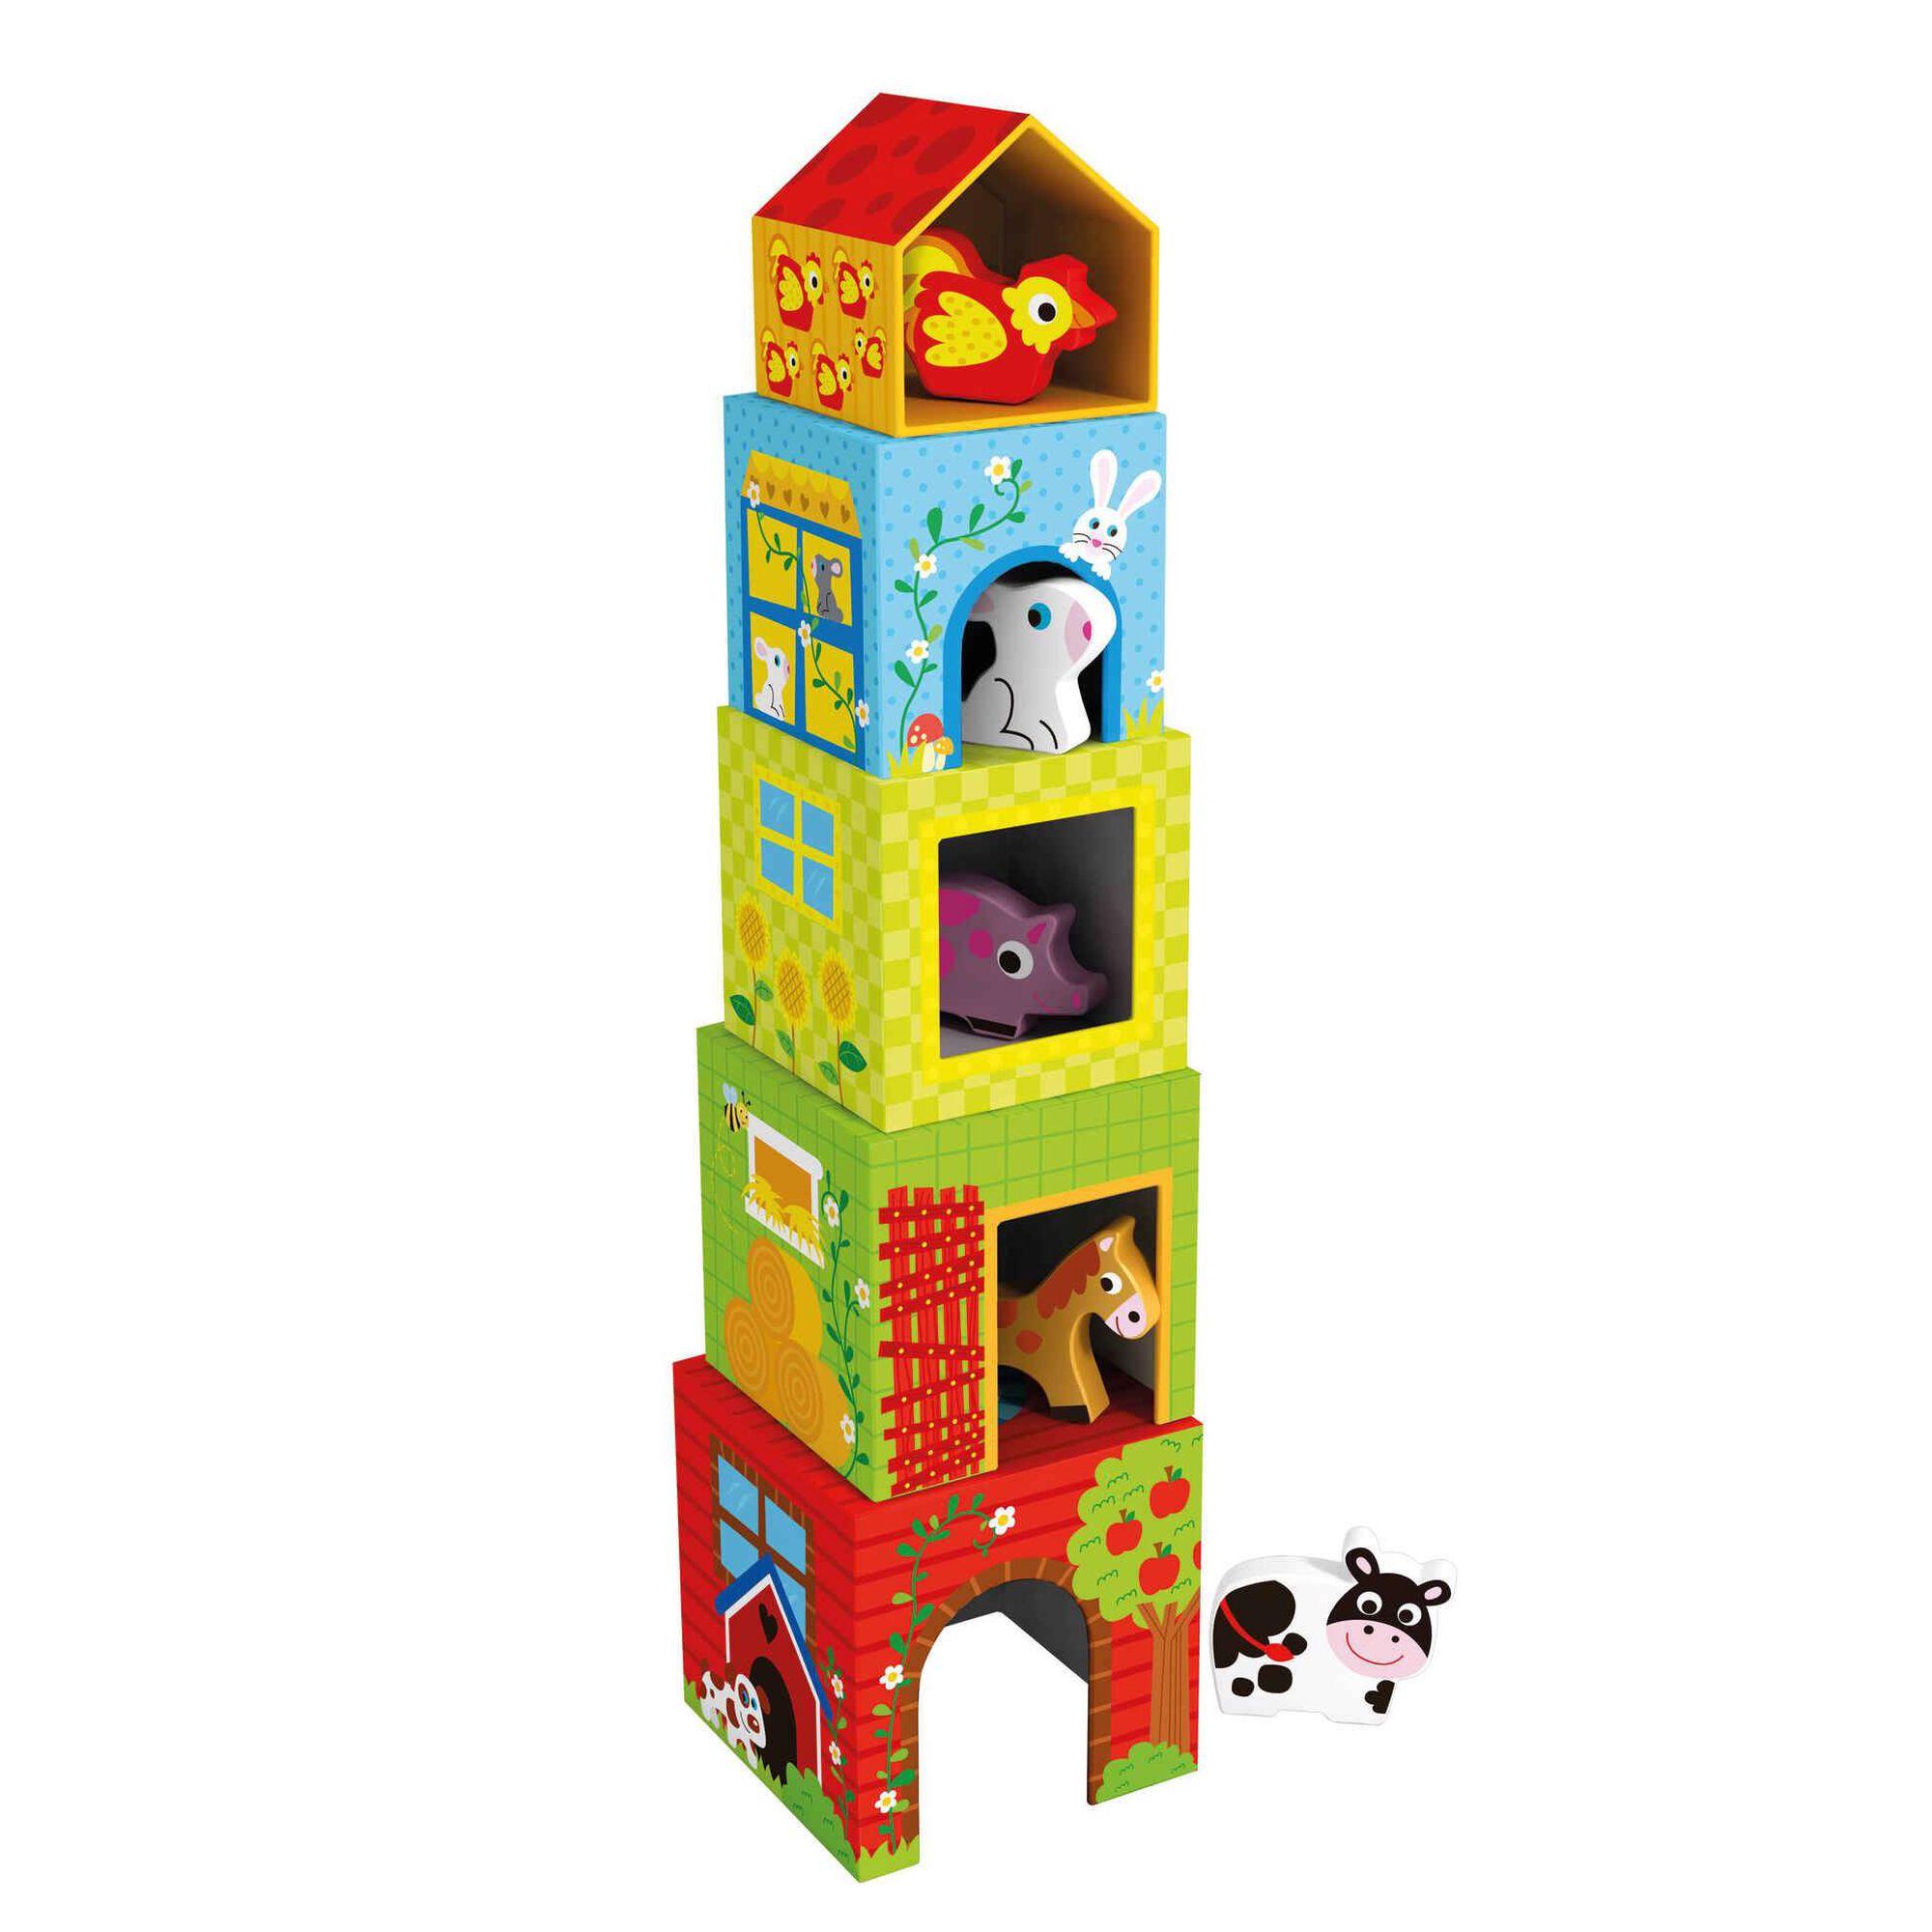 Cubos de Empilhar com Animais, , hi-res